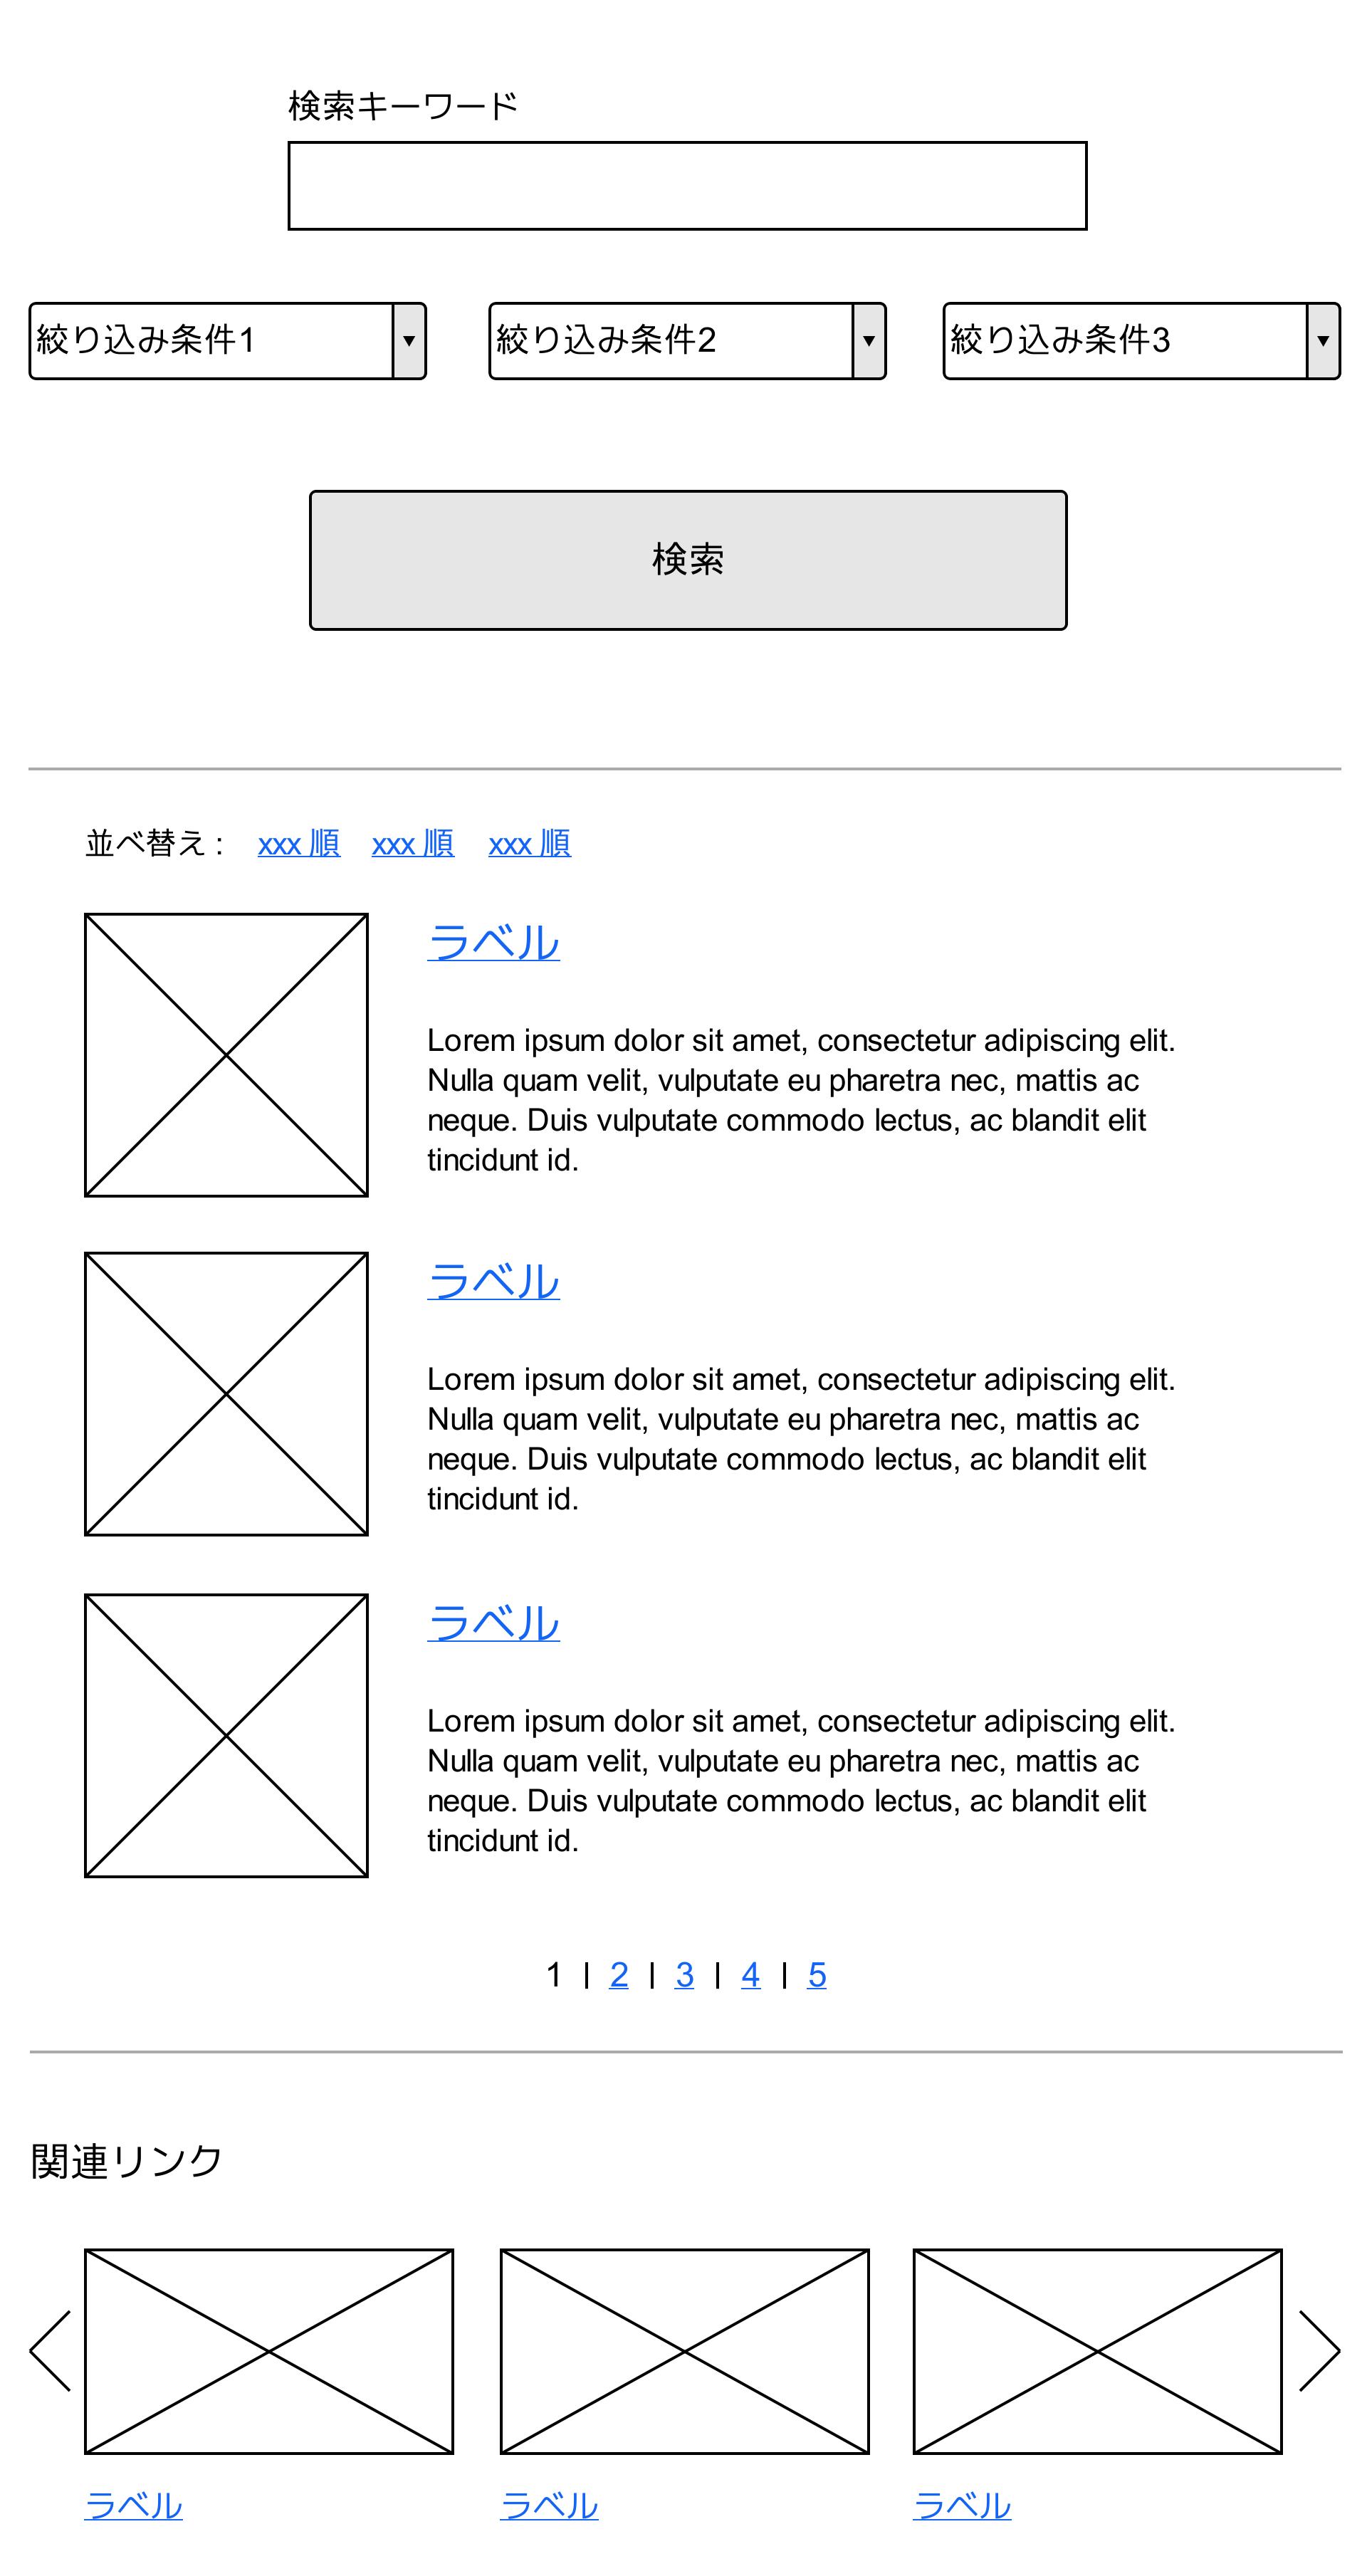 画面設計アイデアの修正案 (関連リンクはメインコンテンツより下に配置する)